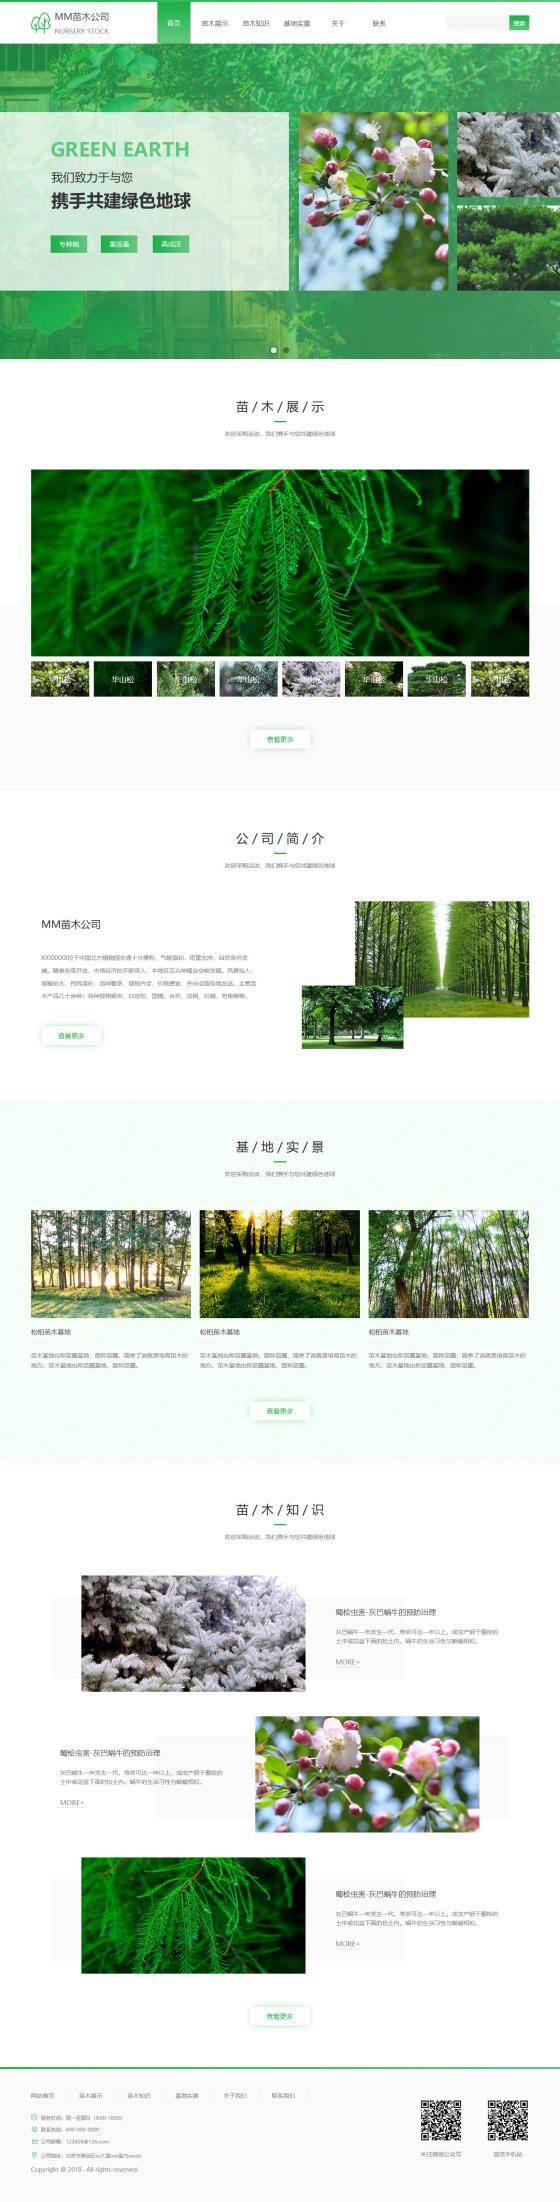 网站模板建站-园林绿化苗木种植公司网站 编号18